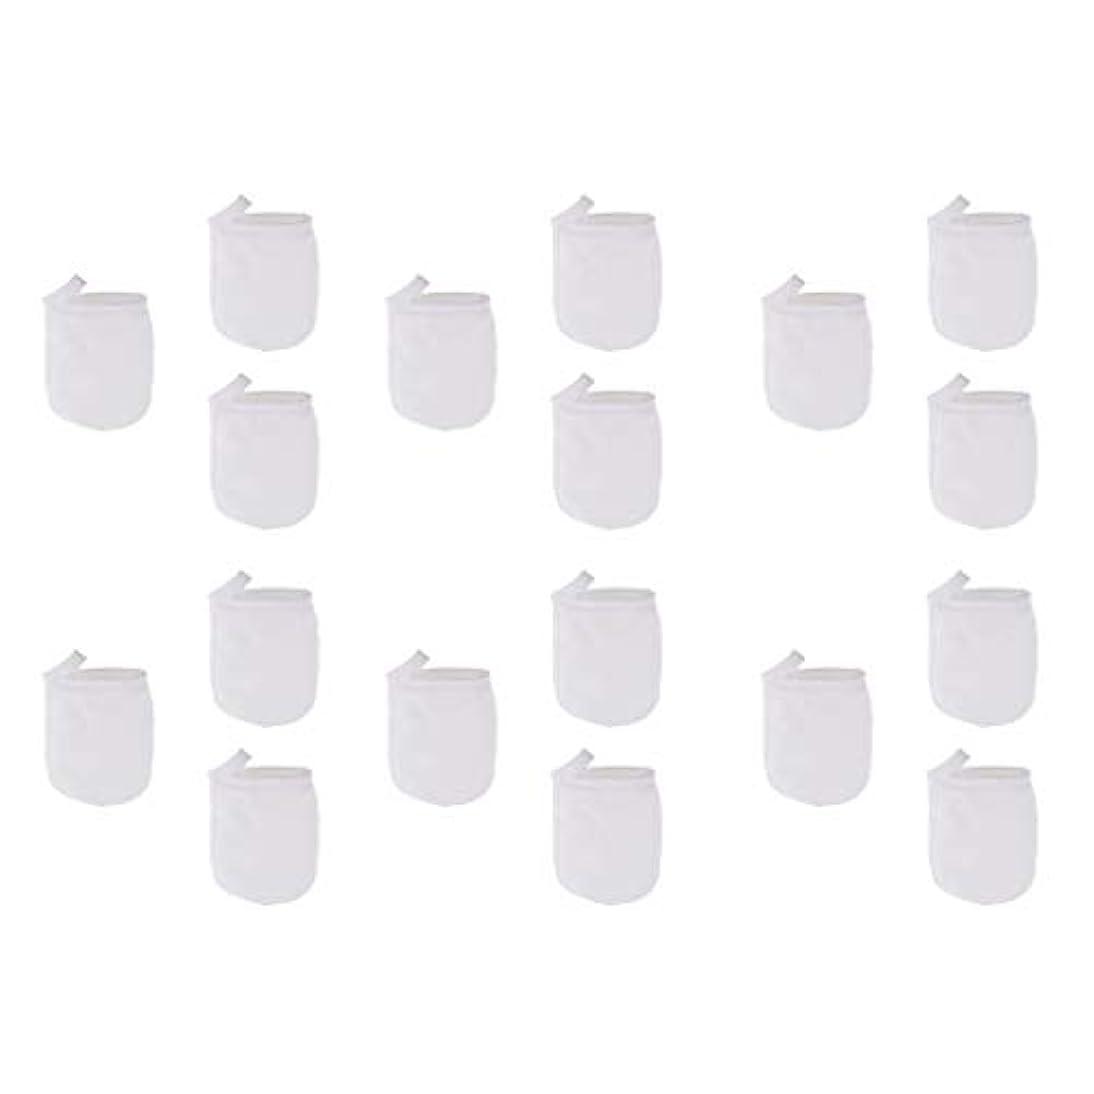 西タワースクレーパー洗顔手袋 洗顔グローブ クレンジンググローブ メイク落とし手袋 マイクロファイバー 約18個パック